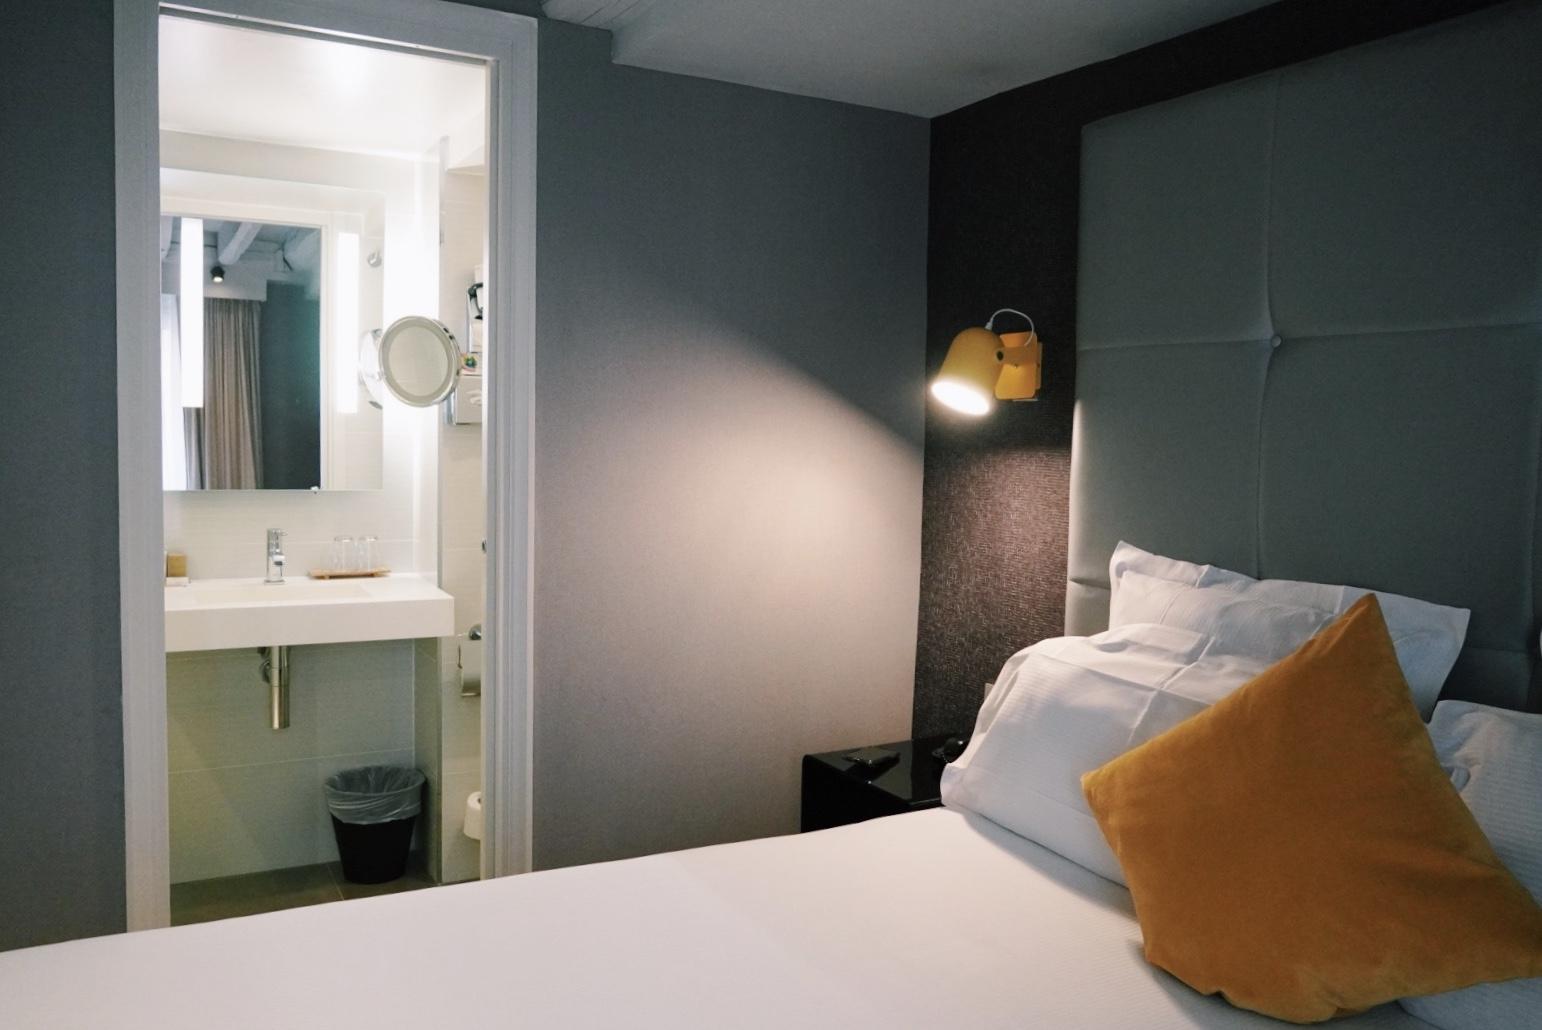 ホテル オペラ マリニー(マリグニー)部屋